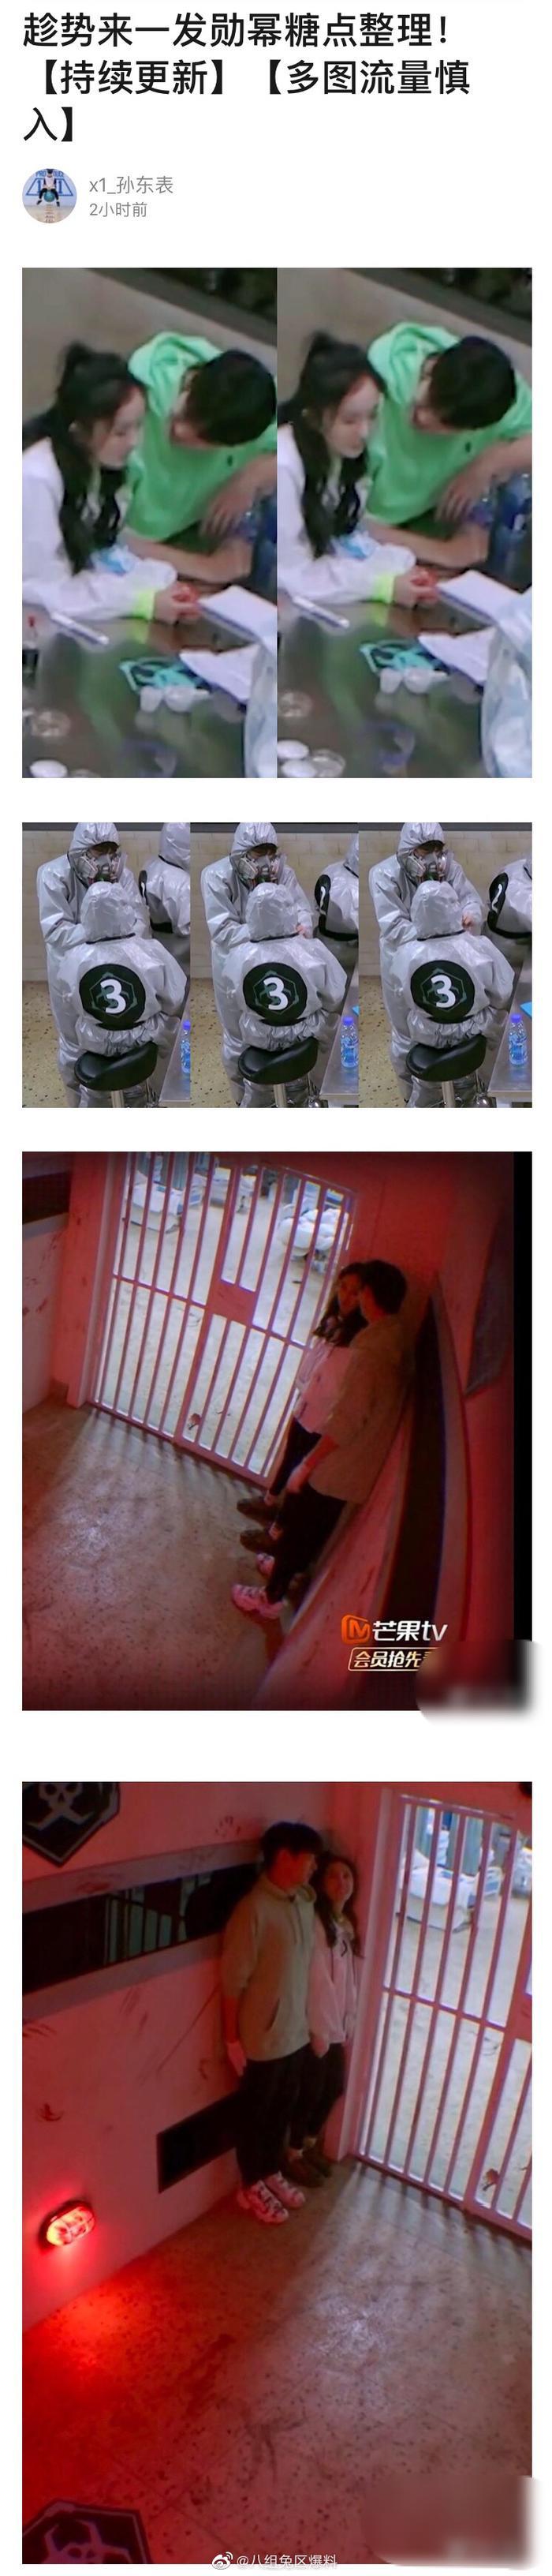 Rộ lên tin đồn Nguỵ Đại Huân sắm nhẫn kim cương khủng 5 Carat để cầu hôn Dương Mịch? ảnh 21